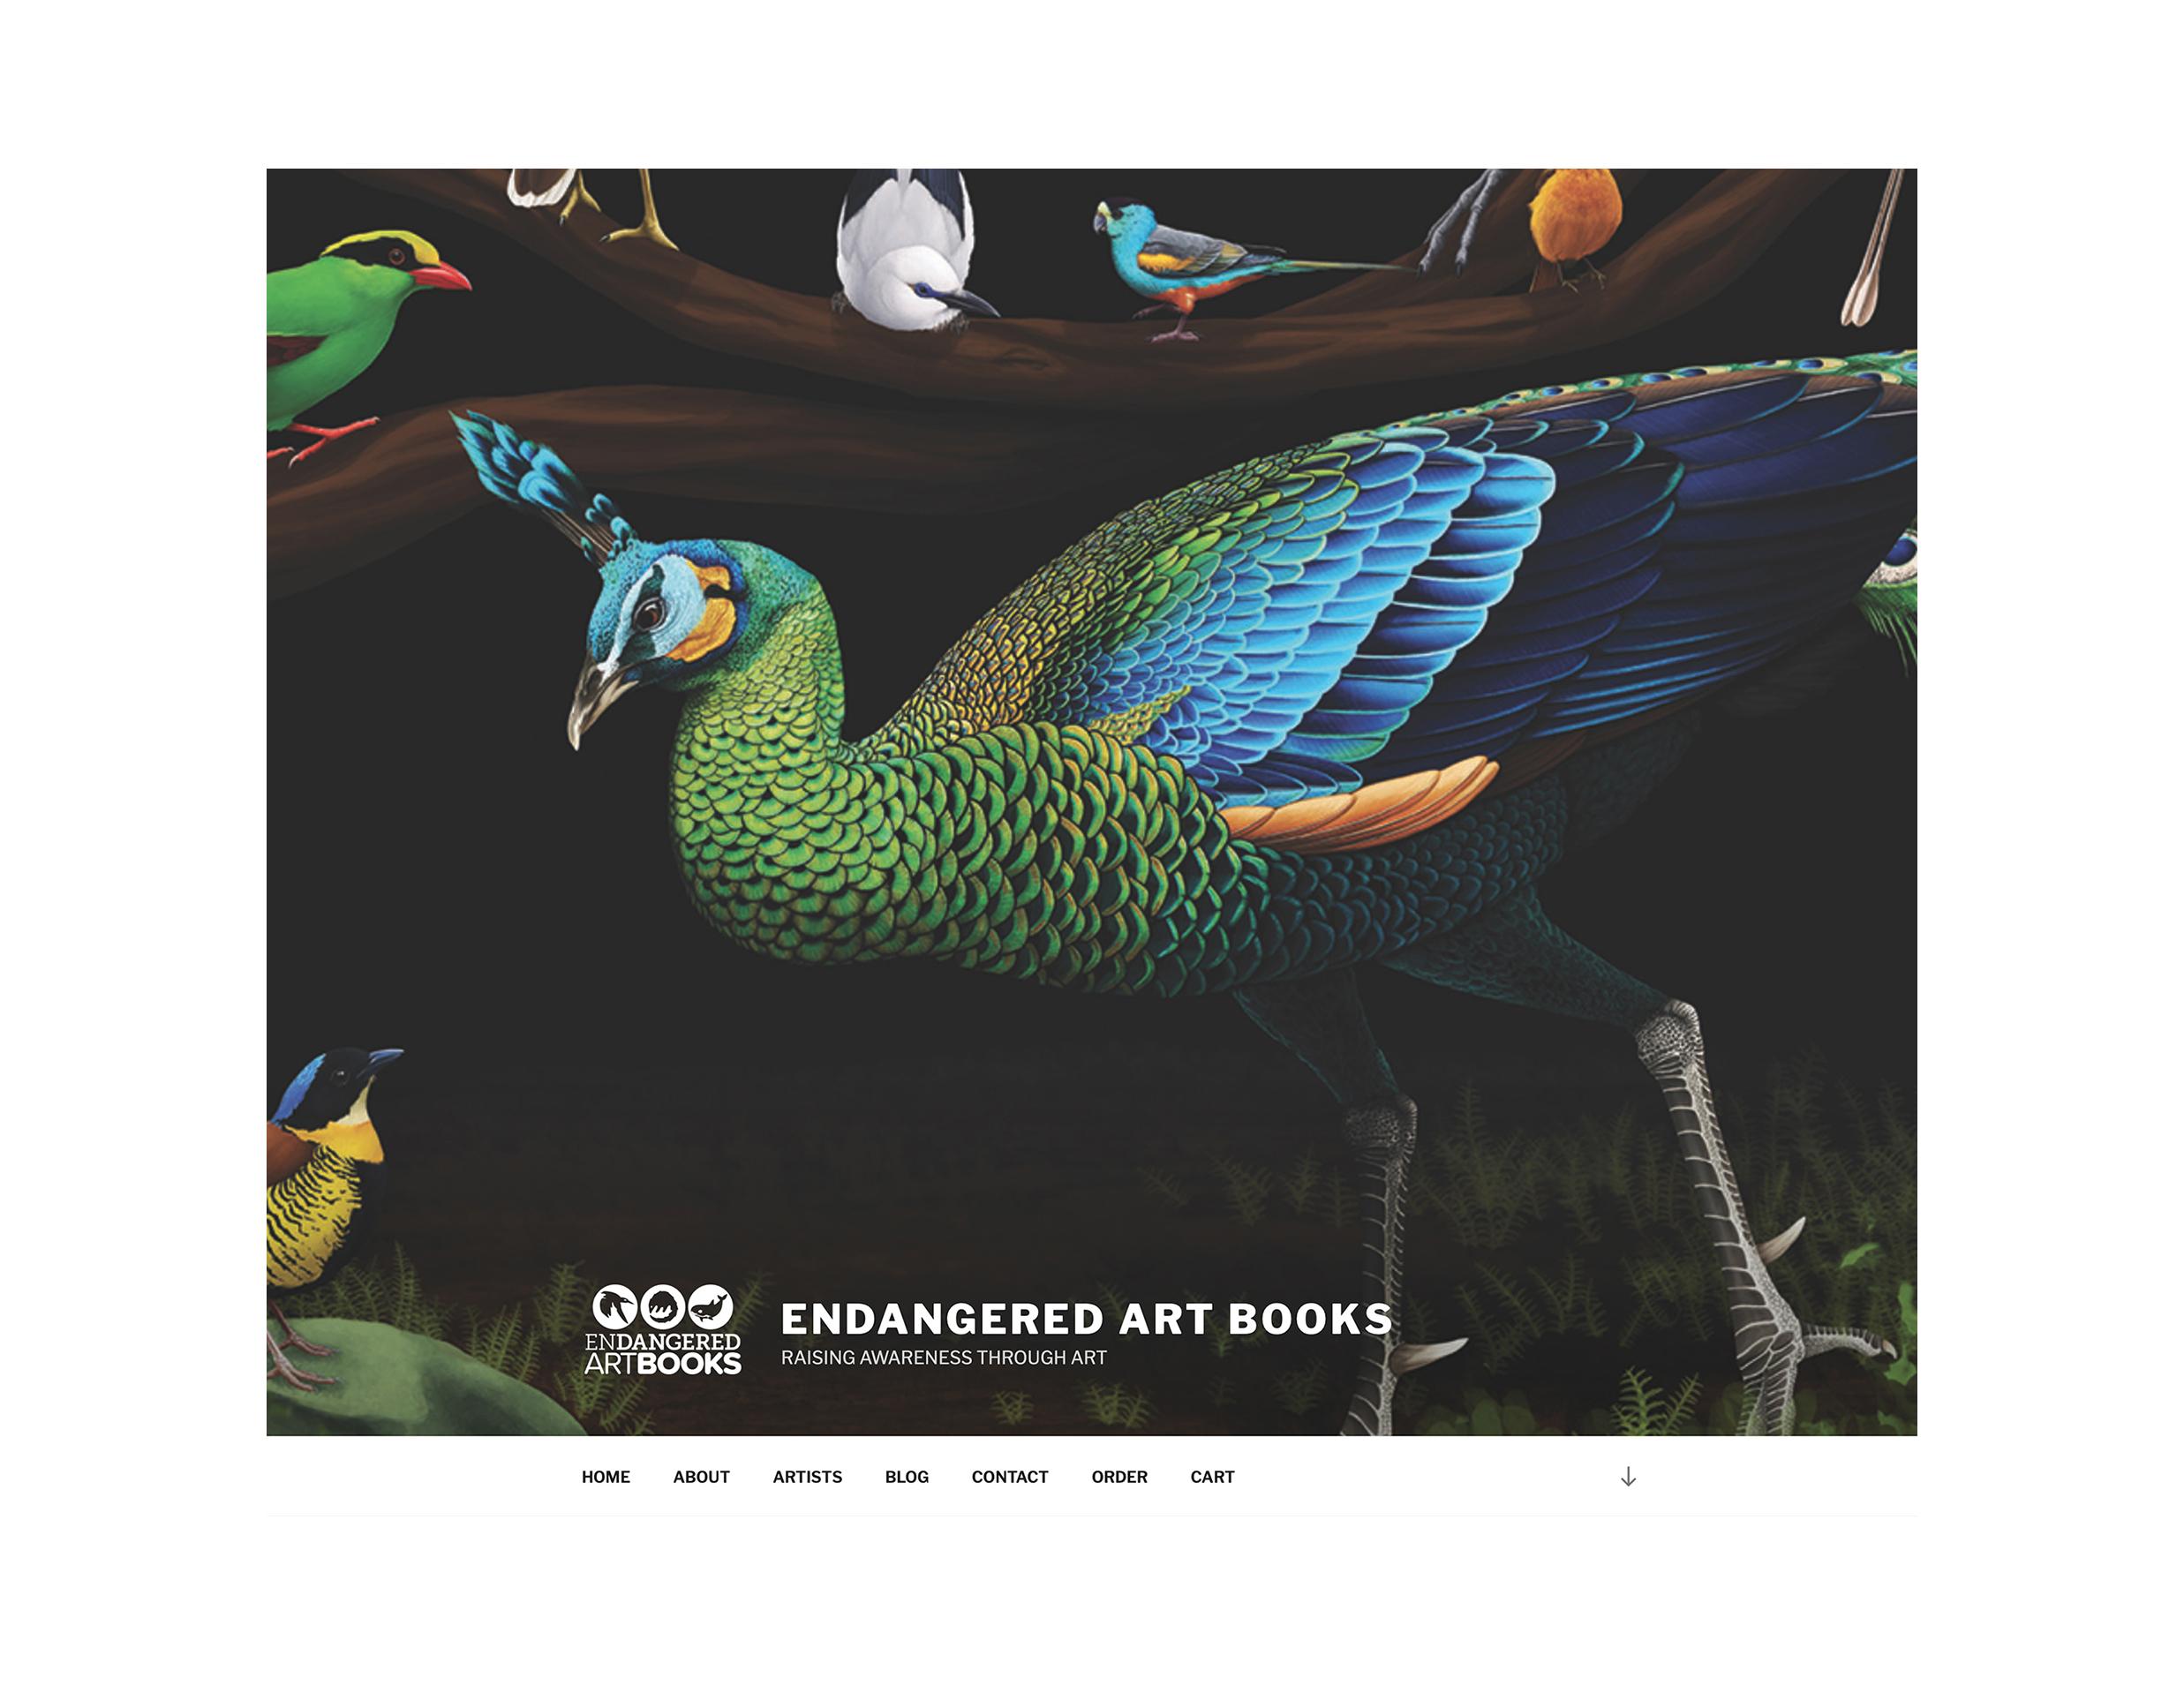 Endangered Art Books Website